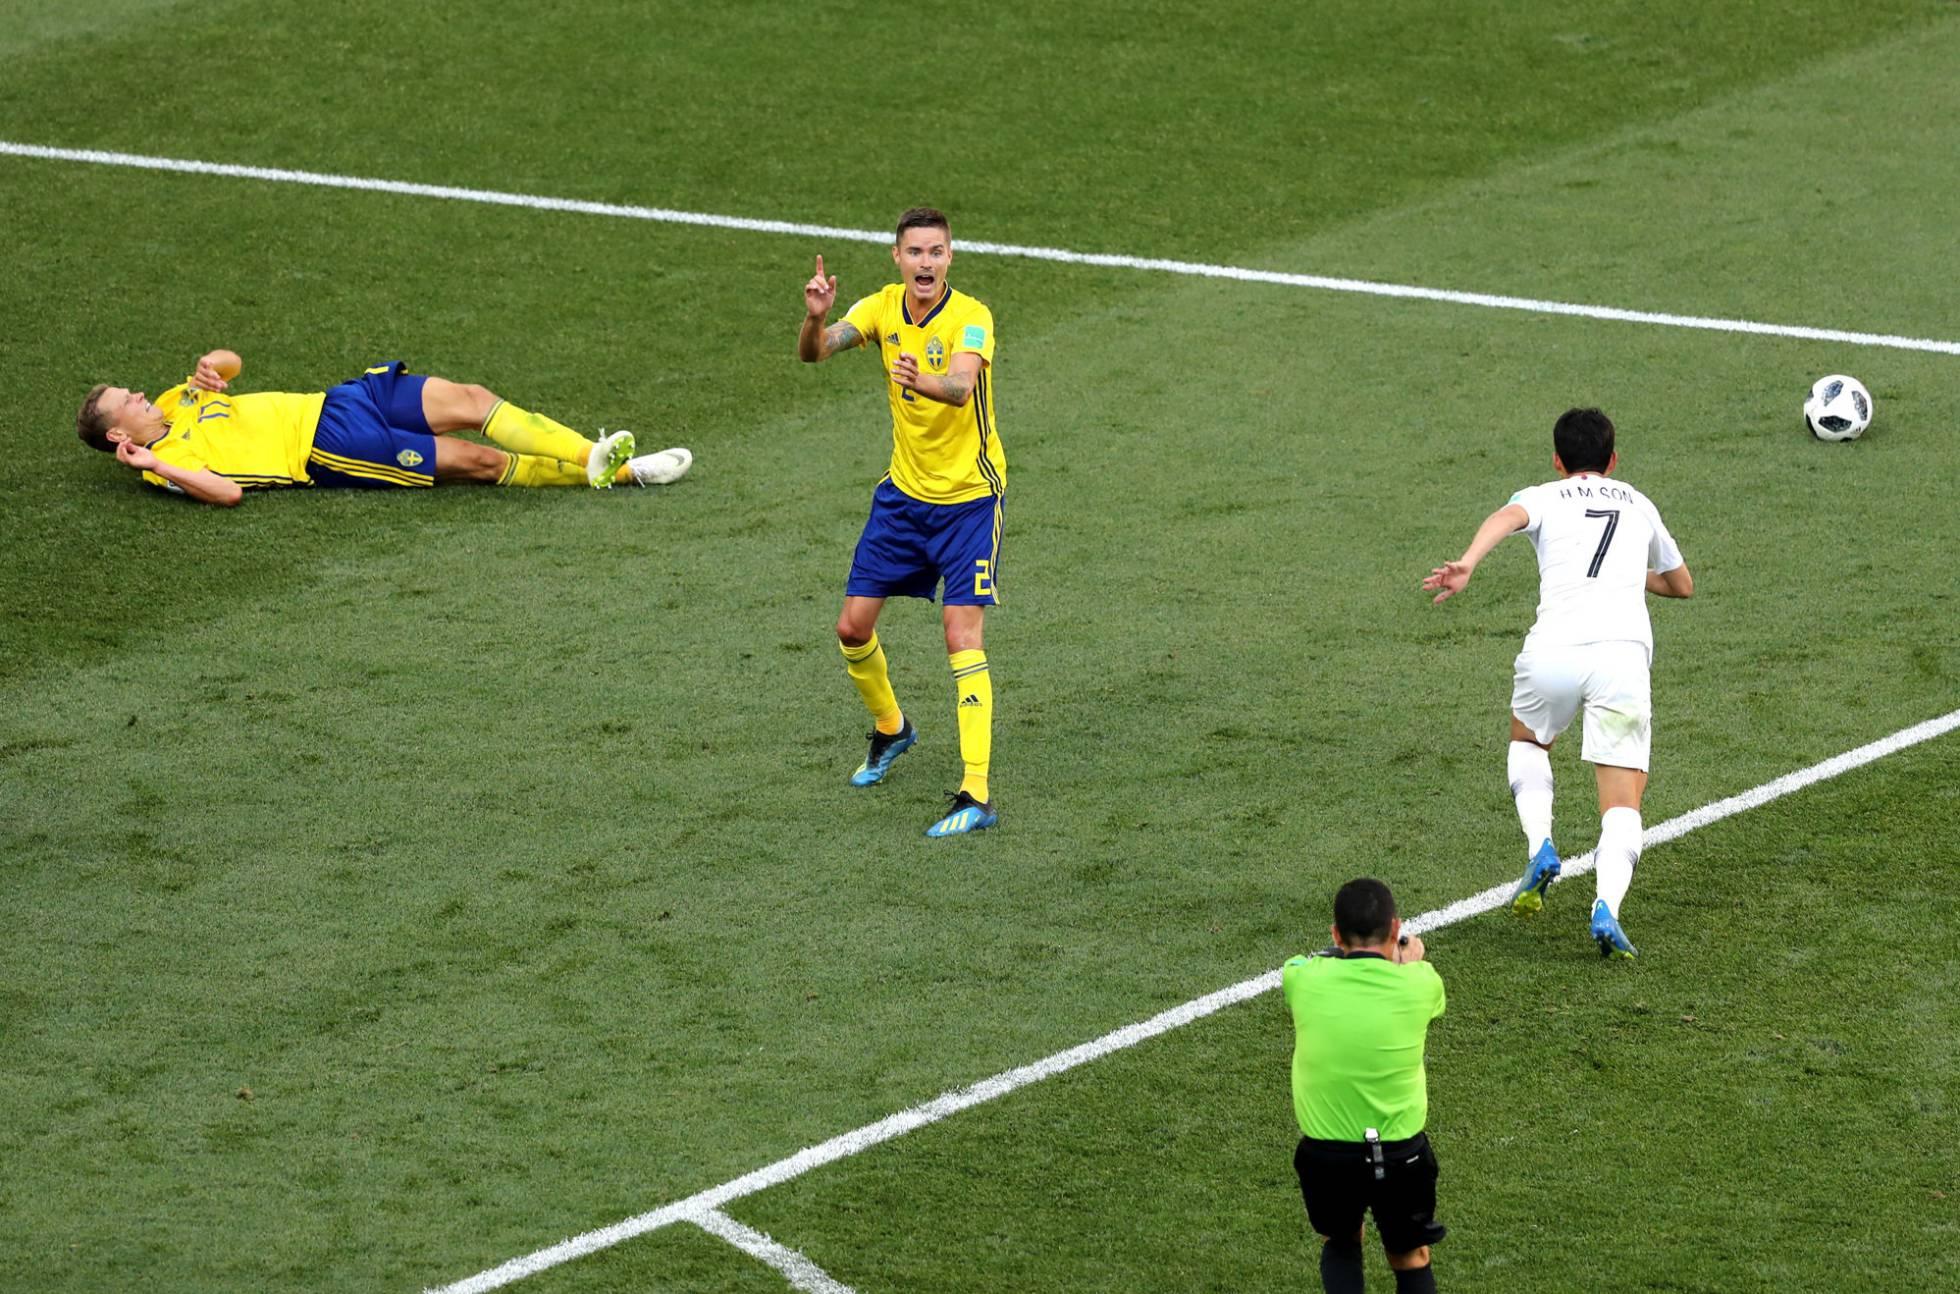 Lustig pide al árbitro salvadoreño Joel Aguilar la revisión de la jugada del penalti sobre Claesson, en el suelo. ELSA GETTY IMAGES